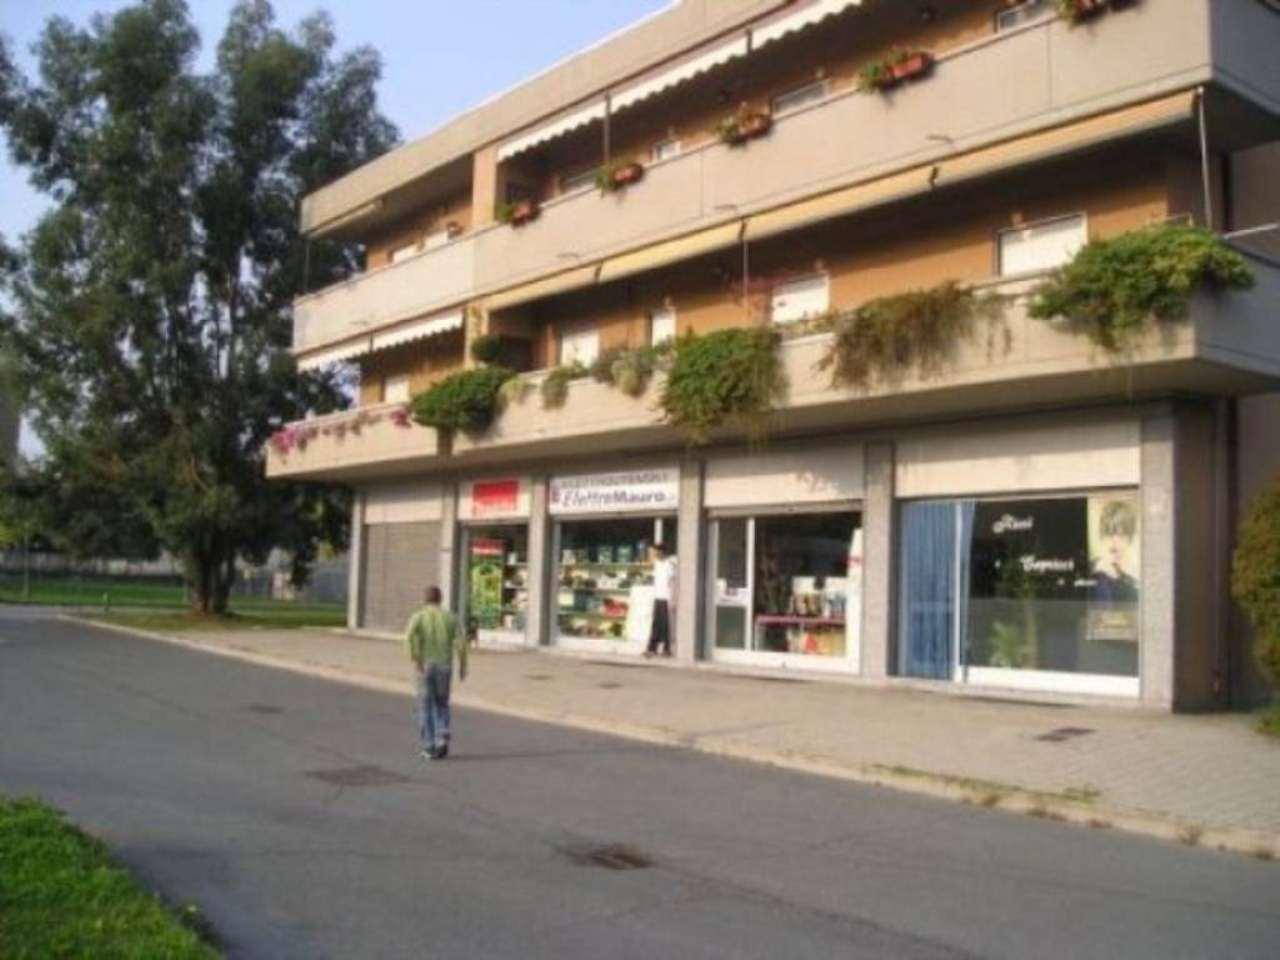 Immagine immobiliare locale commerciale con affaccio su piazza RIVAROLO CANAVESE Via Don Capirone, zona Officine Bausano, affittiamo locale commerciale di 65 mq. circa vuoto fronte ampia piazza a parcheggio. L'immobile, oltre la vetrina fronte strada, ha...